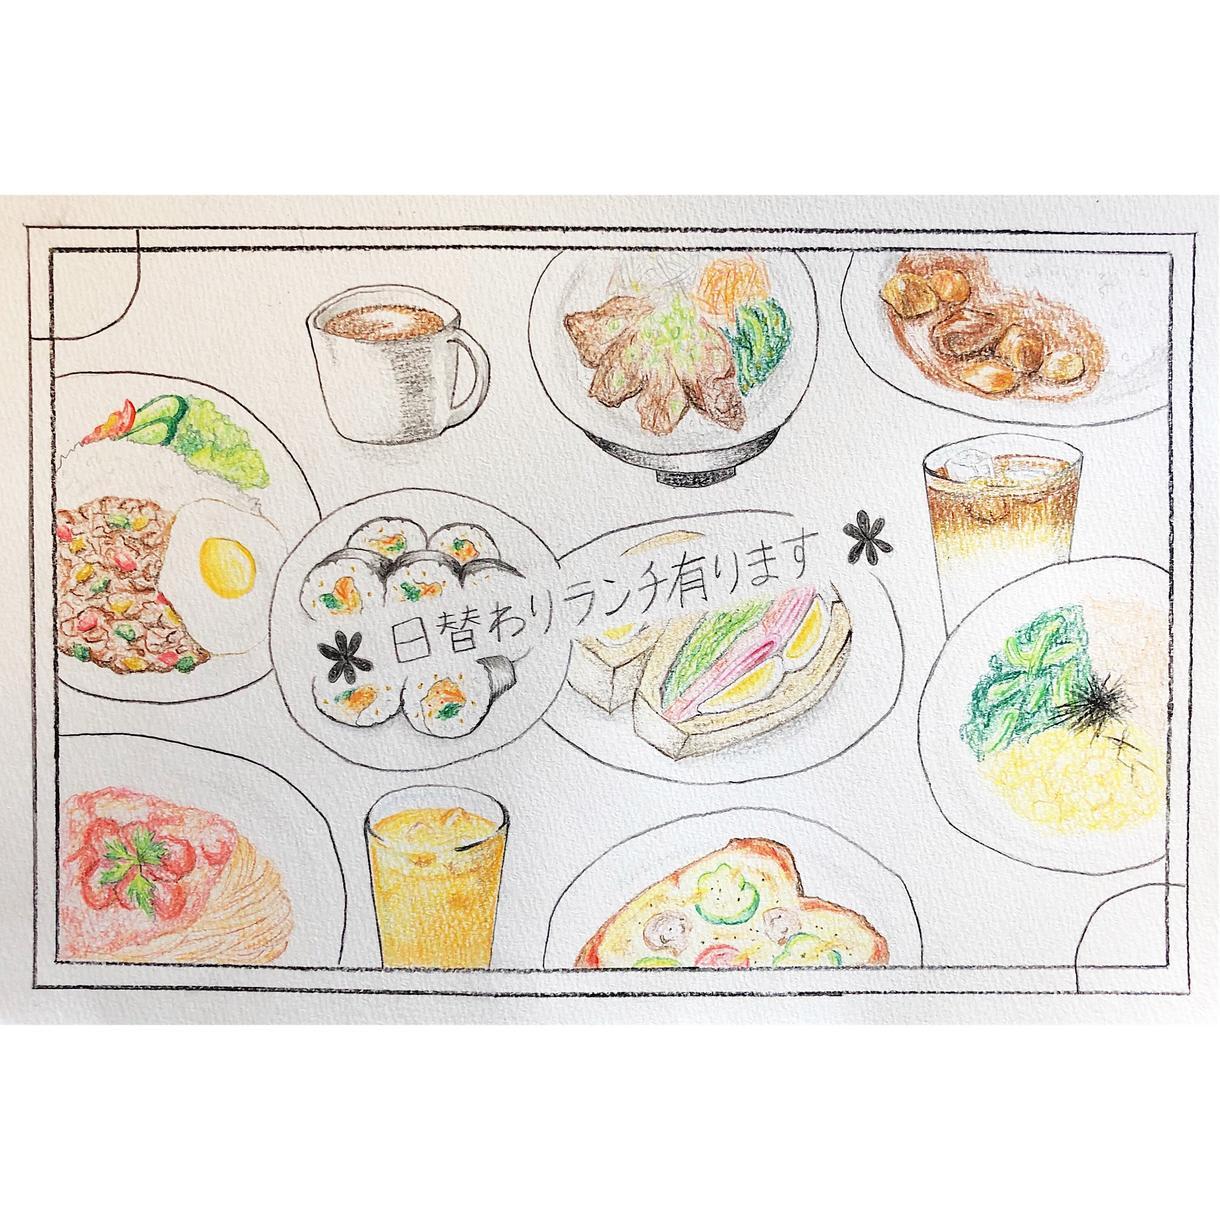 オリジナルのフードイラスト書きます 飲食店でお食事のイラストを取り入れたい方に是非!